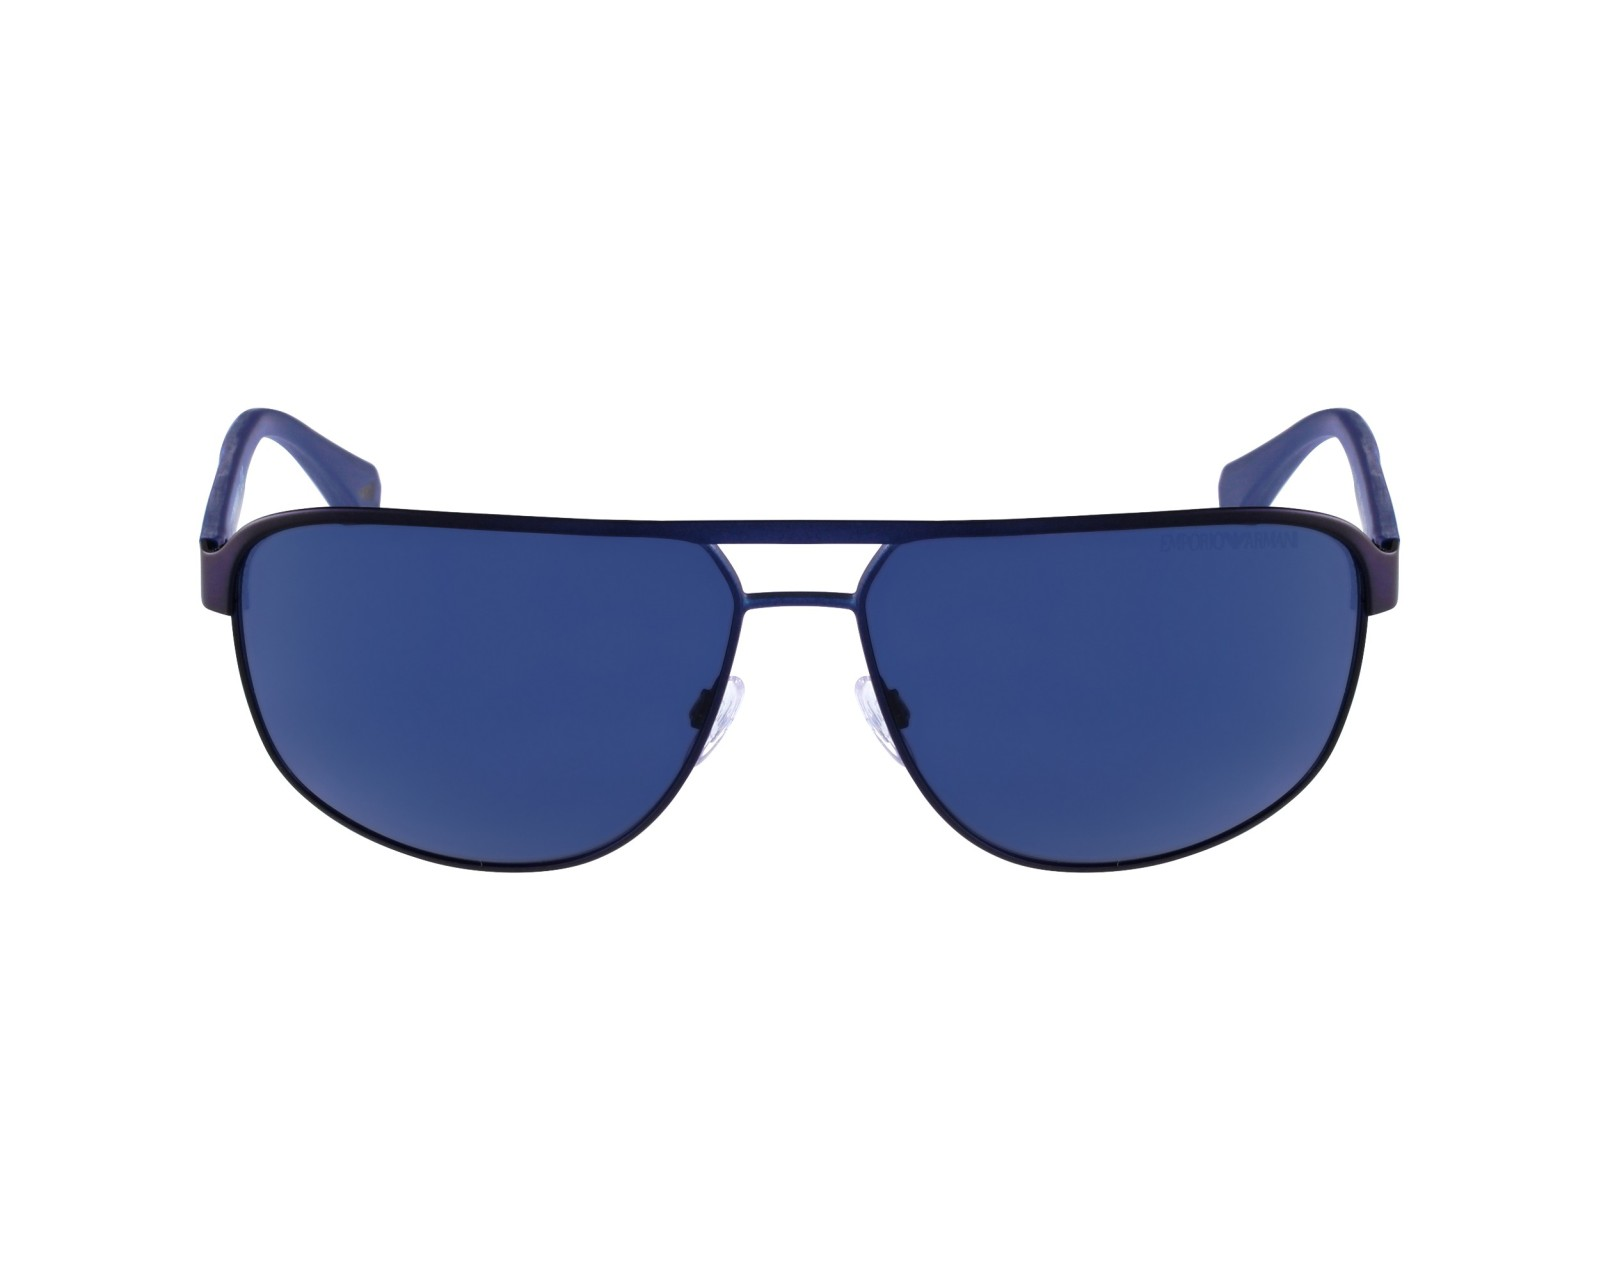 Sunglasses Emporio Armani EA-2025 3076 80 - Blue profile view fda04e1f2cff